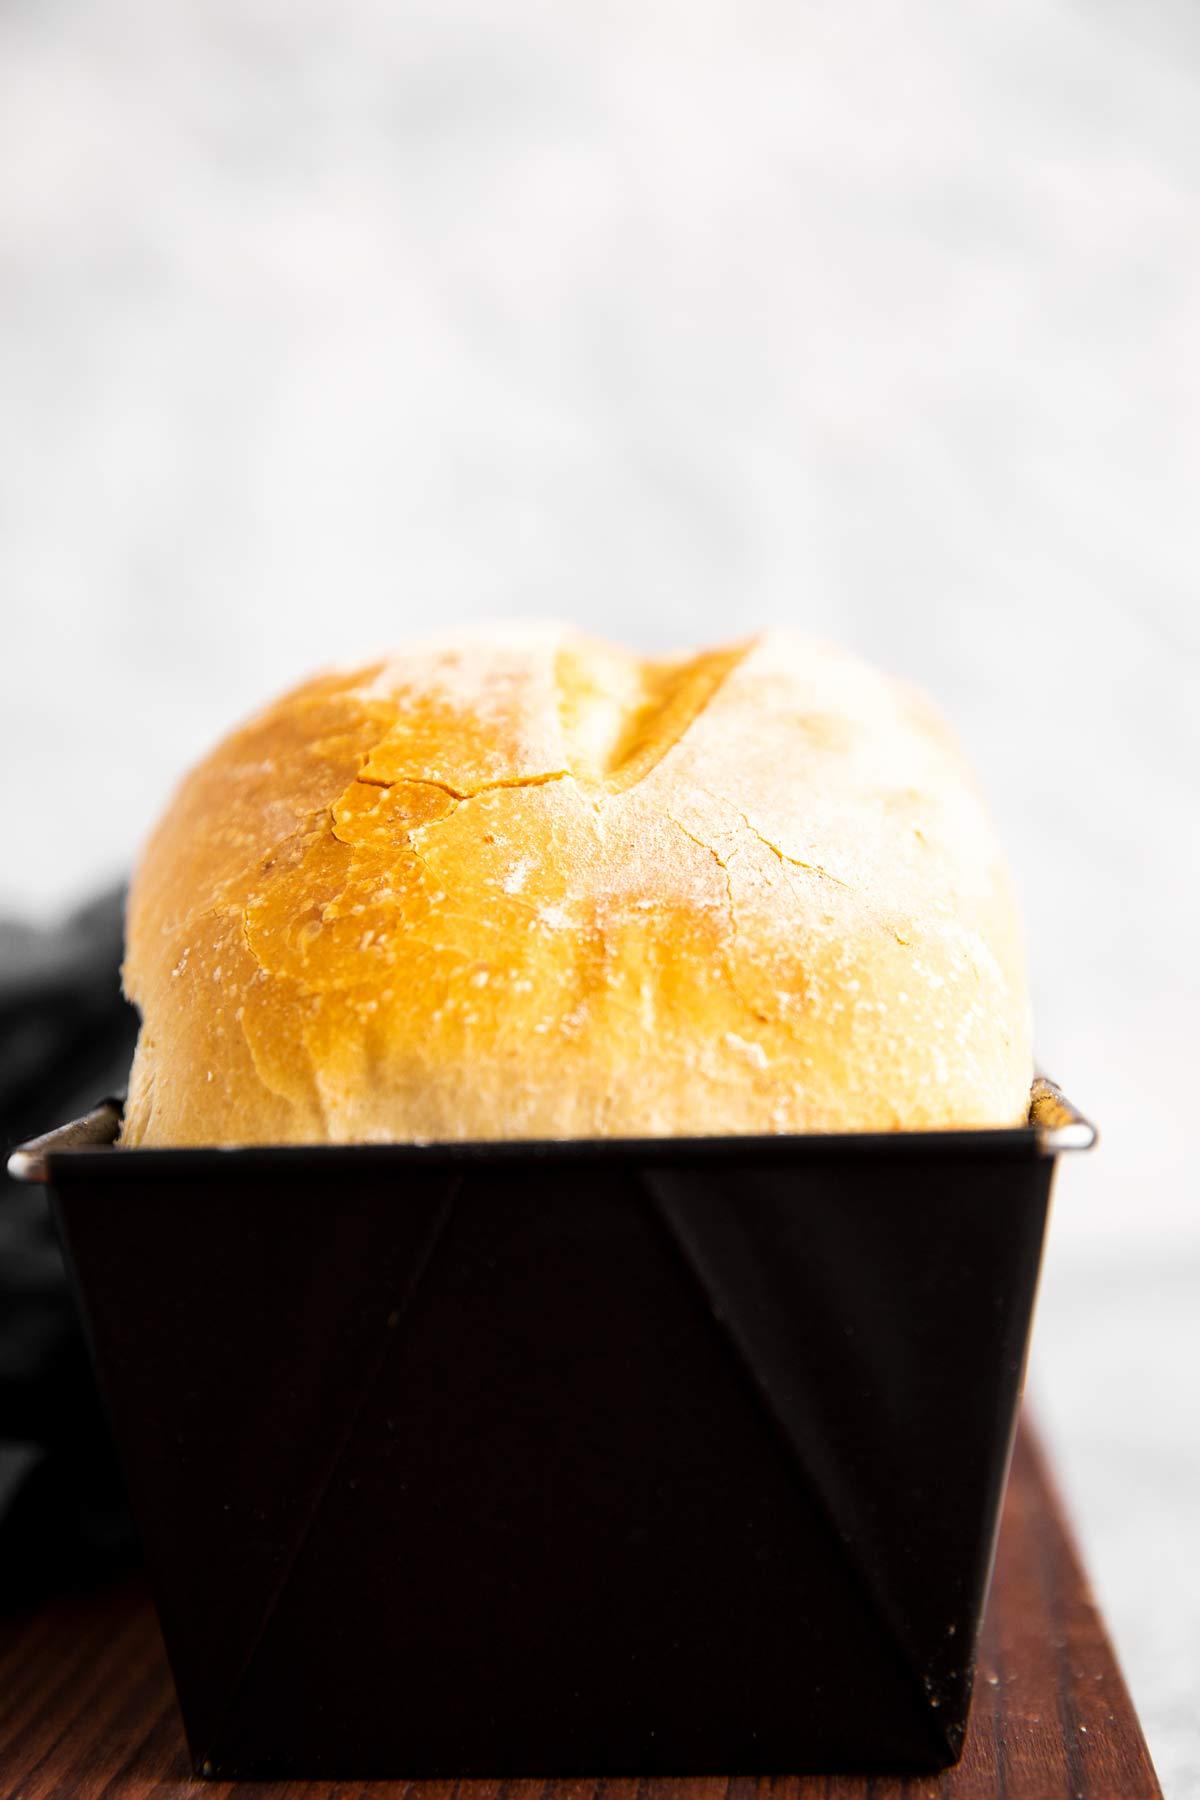 Brot in Kastenform von Vorne